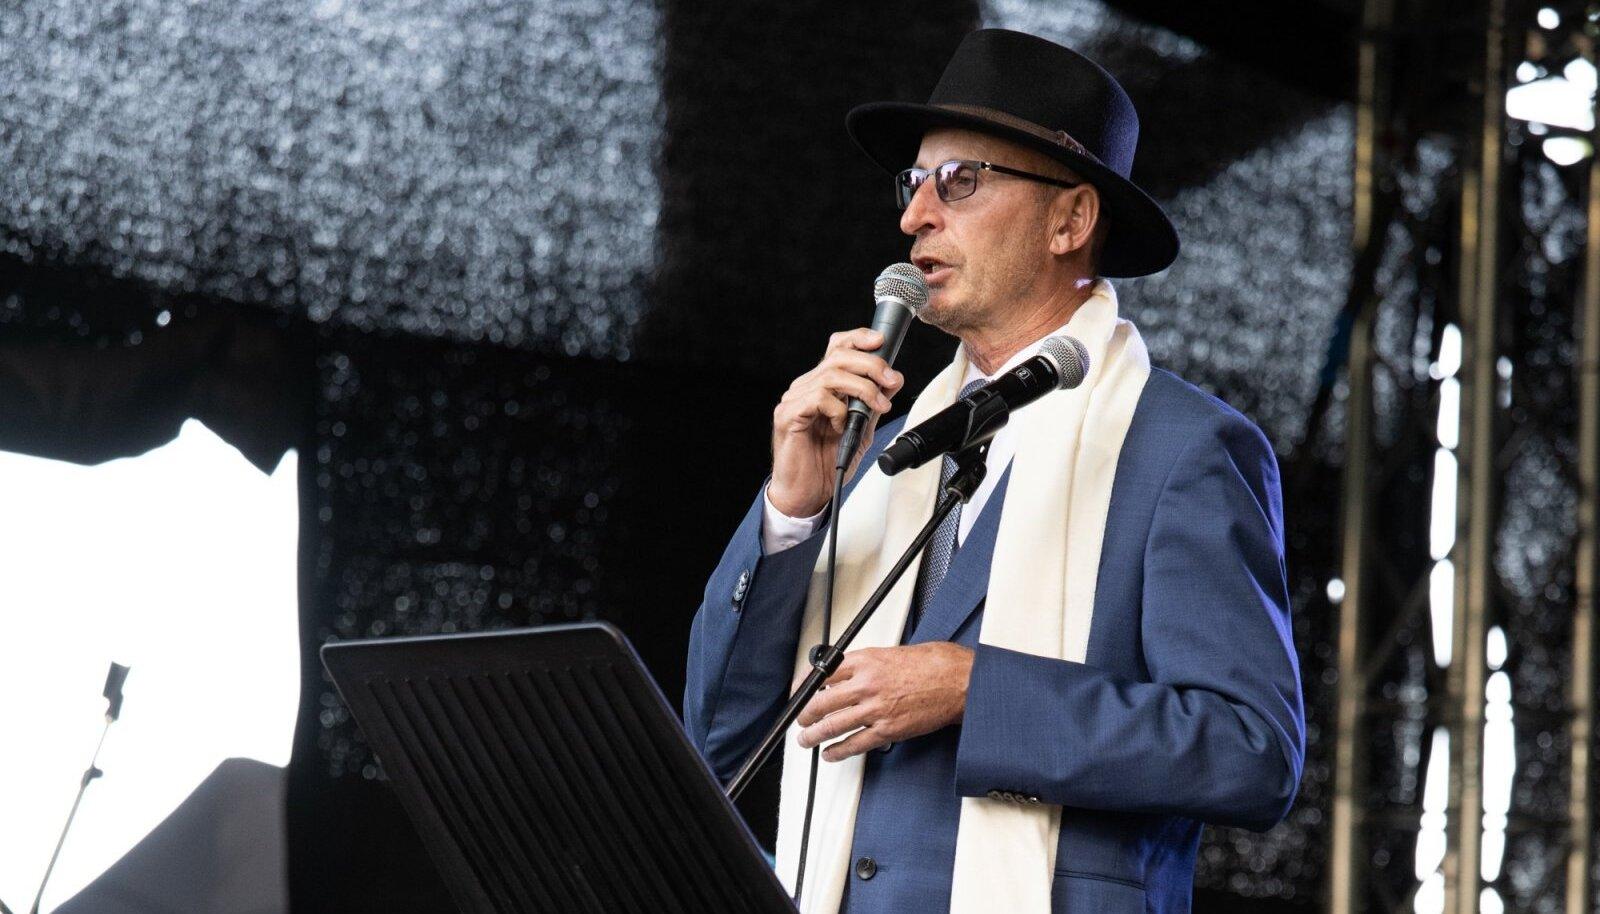 """PUBLIKU EES Ühe enda kirjutatud laulu, """"Kas ma Eestit unes nägin"""" esitas ka Viktor Siilats, keda publik tervitas vaimustunud hõigete ja ohtrate ovatsioonidega."""